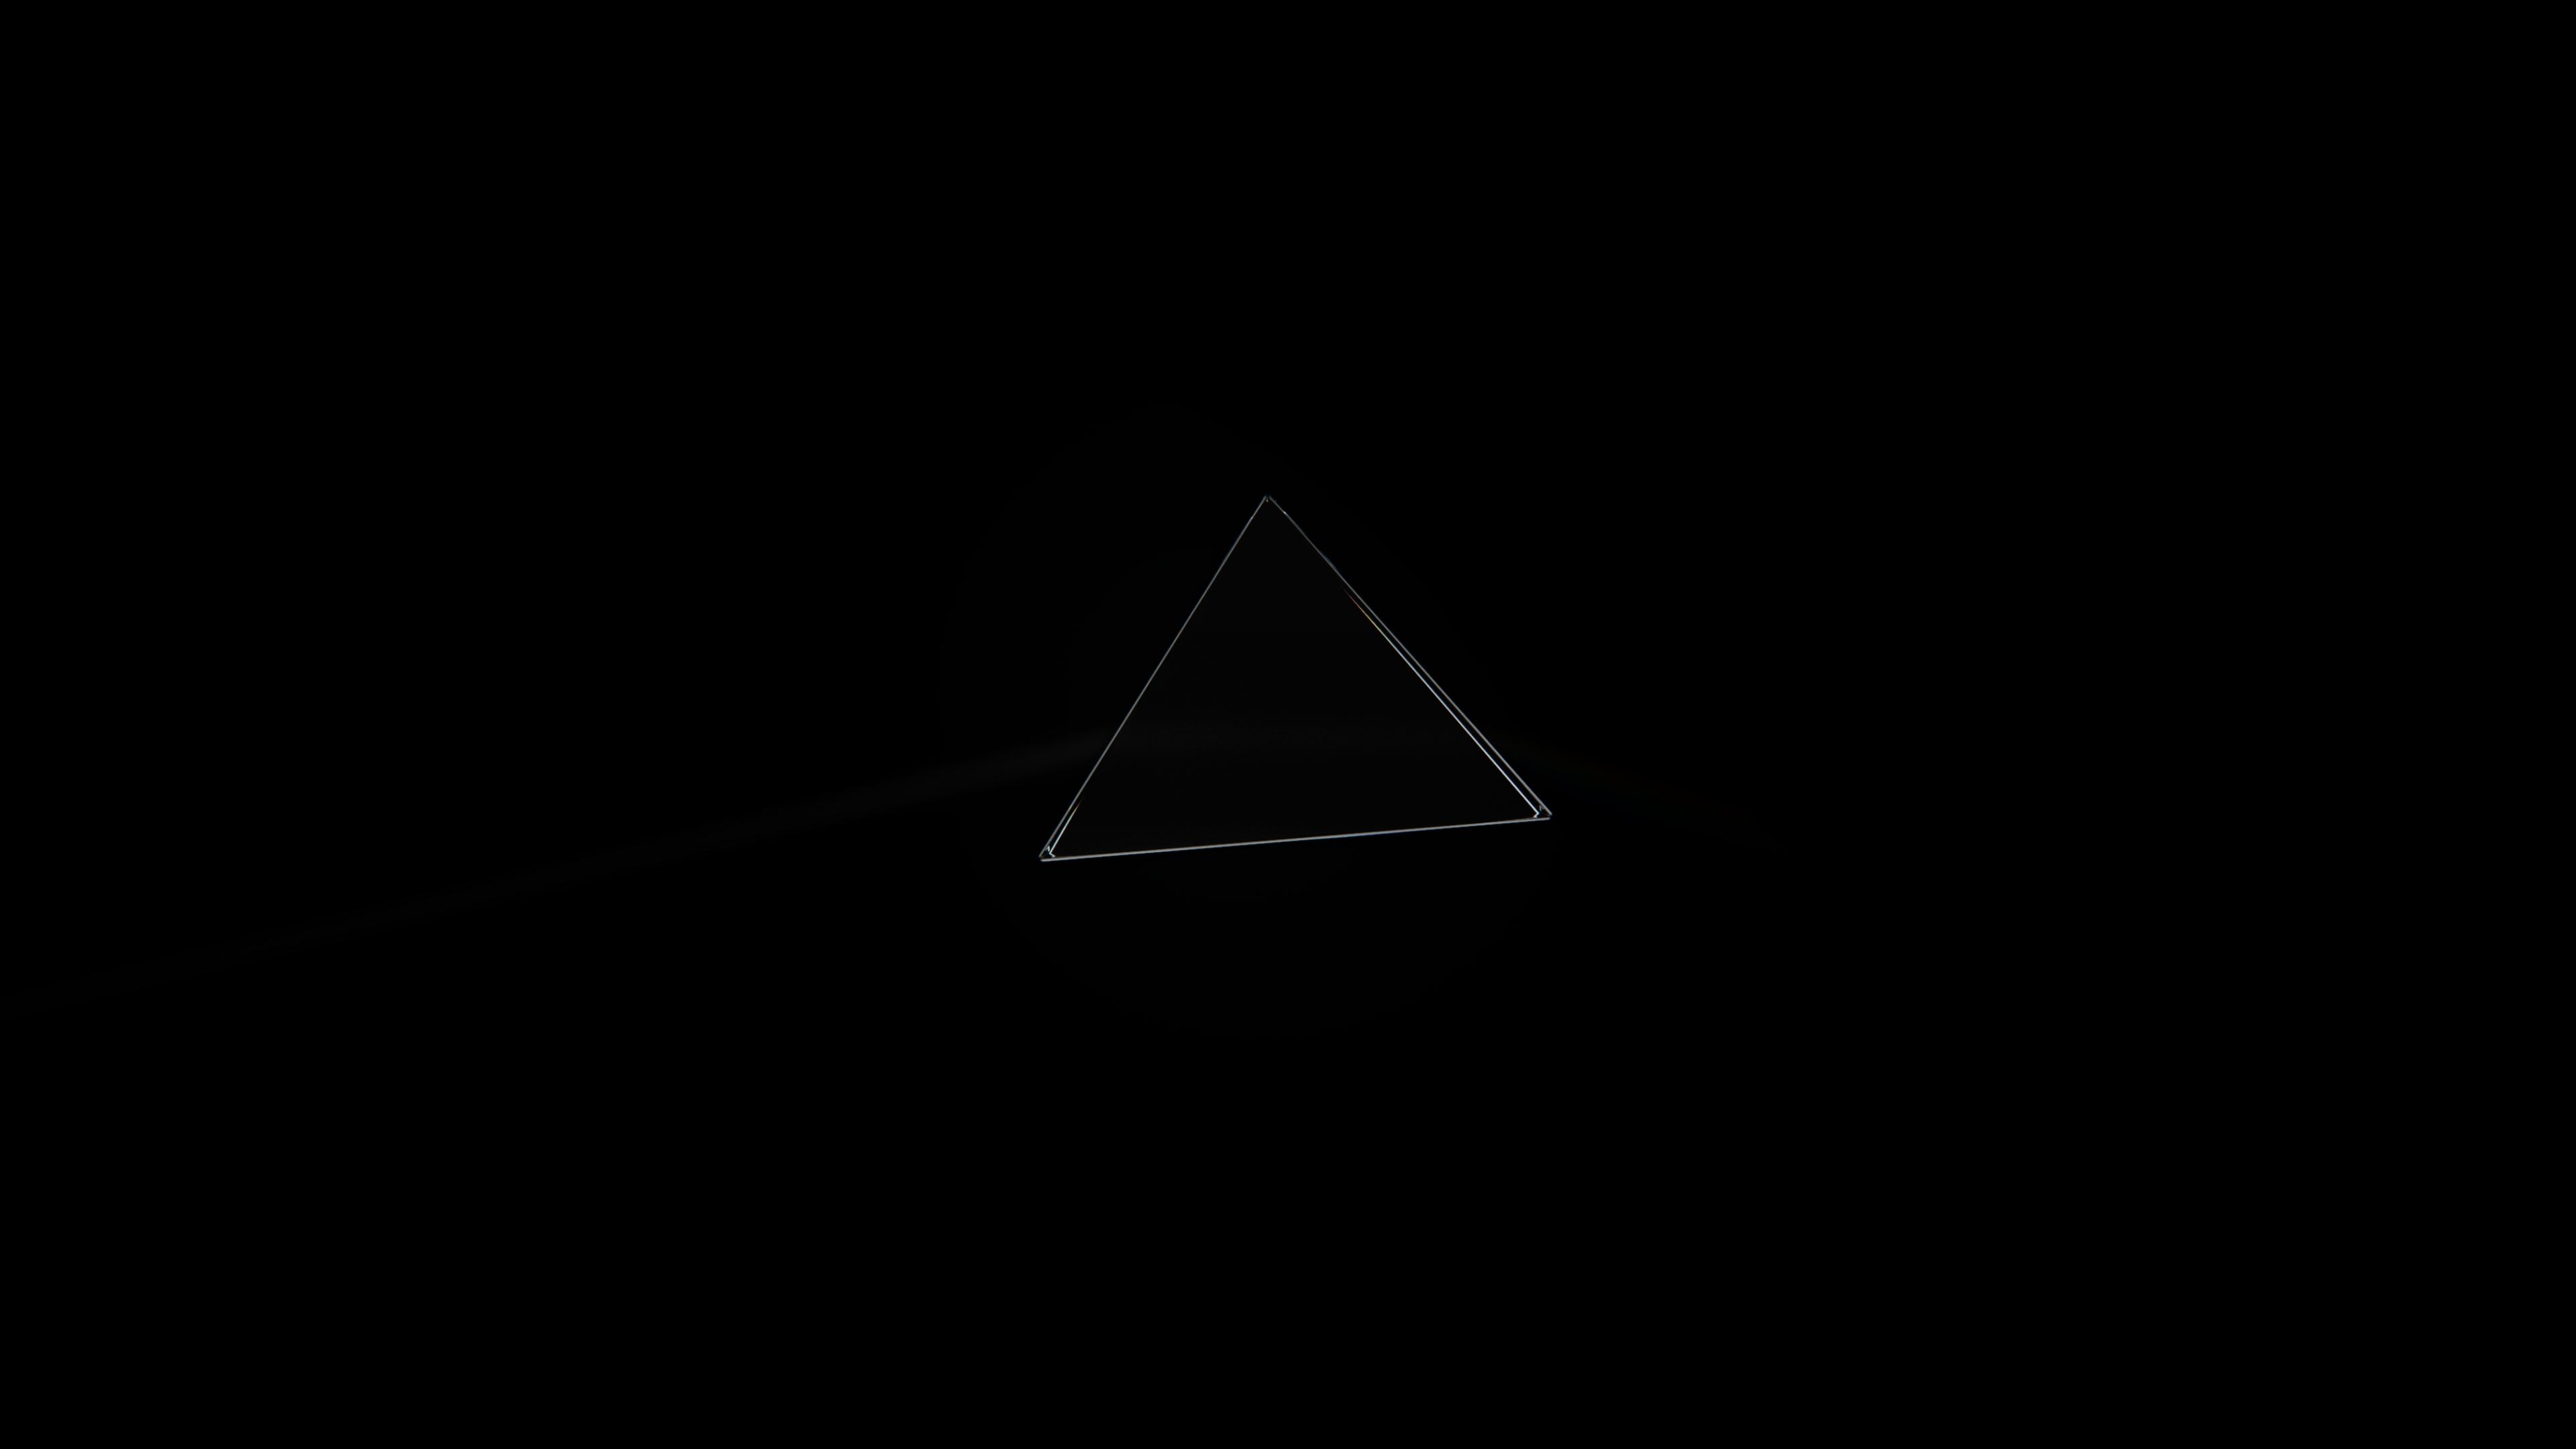 2017 Projekt86 darksideofthemoon 279